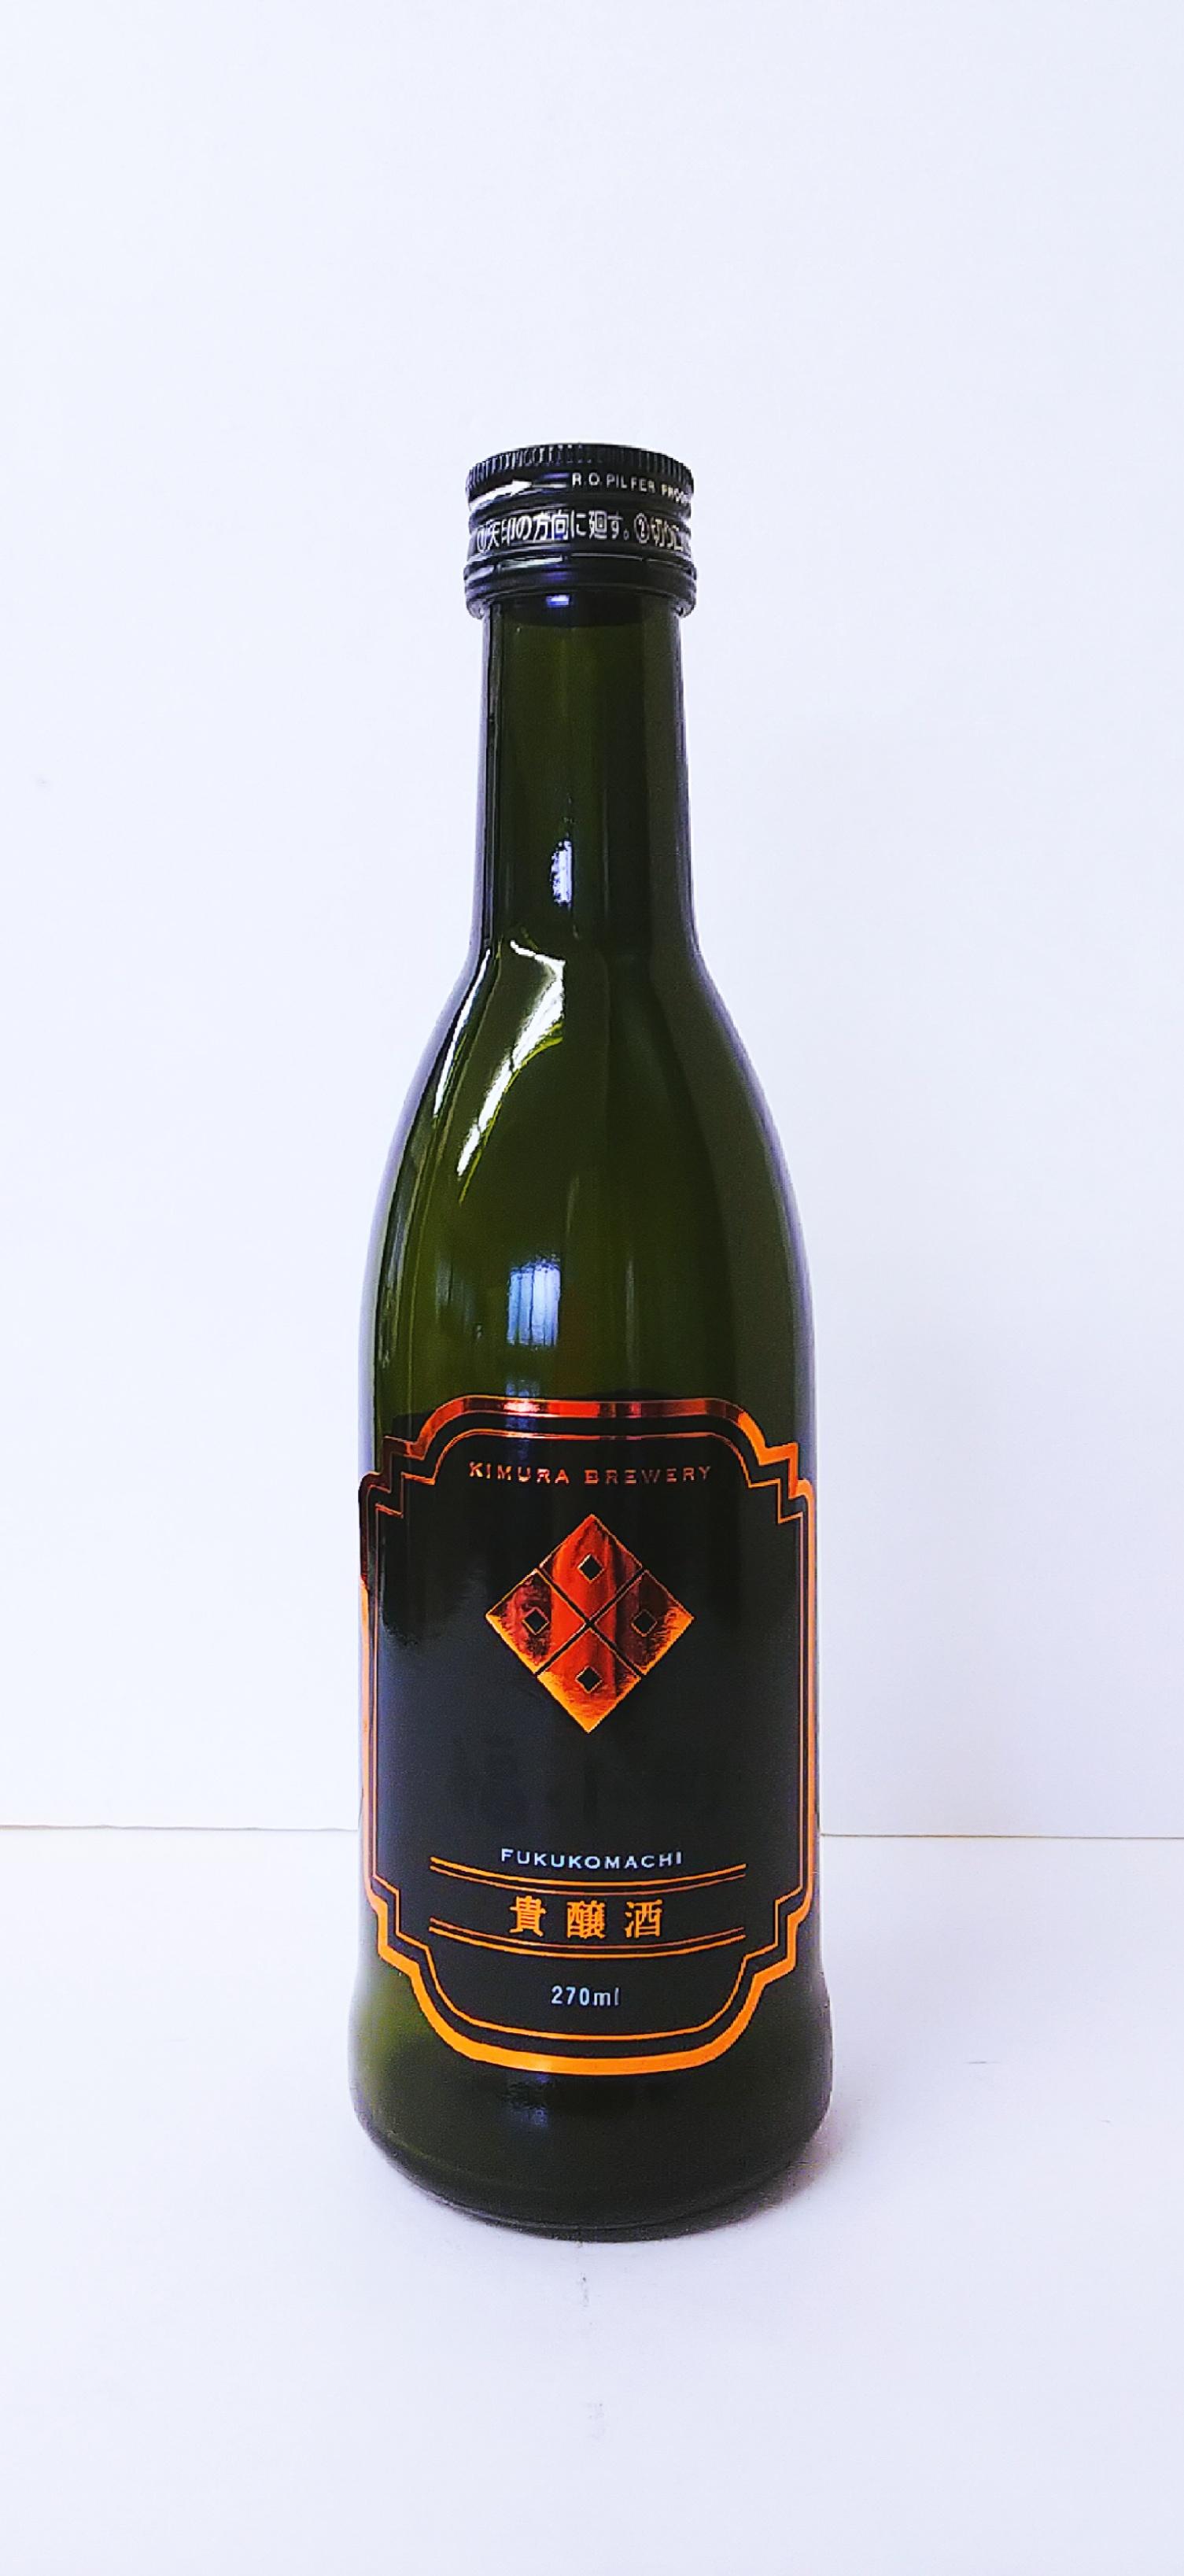 【初挑戦!デザート酒!】福小町 貴醸酒 お試しサイズ 小瓶(270ml)